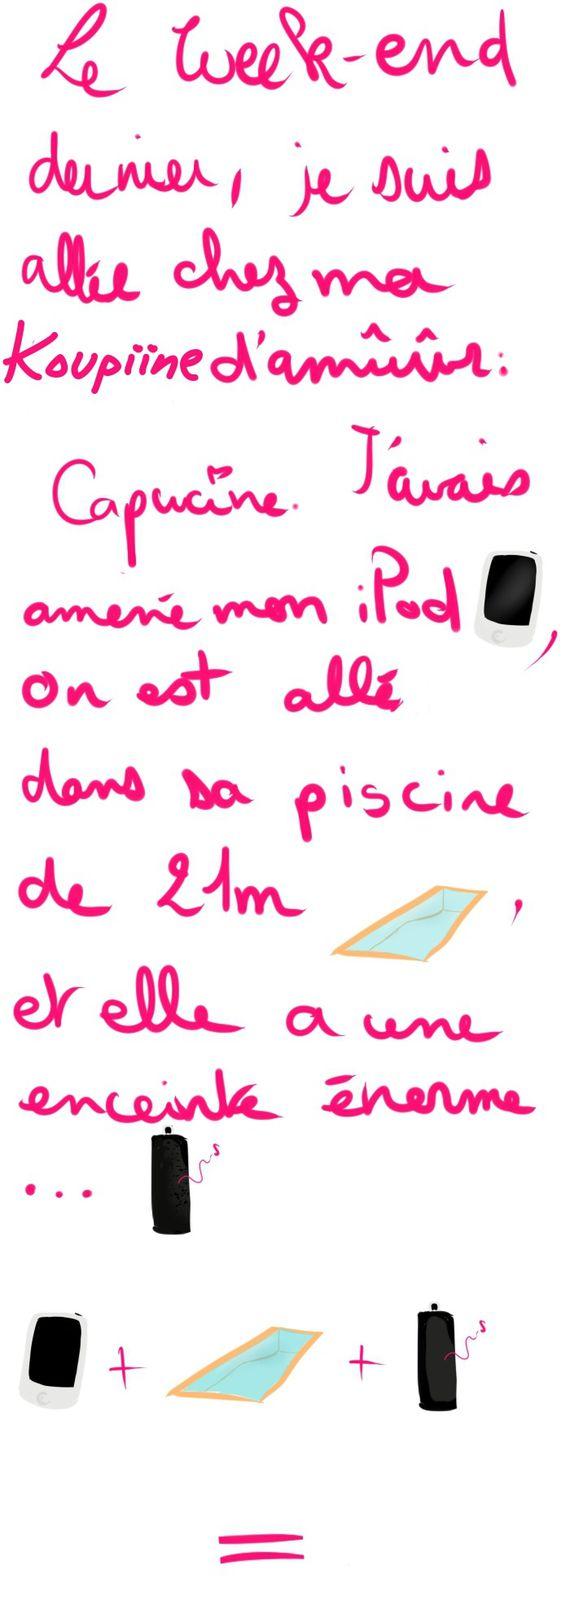 PISCINE11-copie-3.JPG